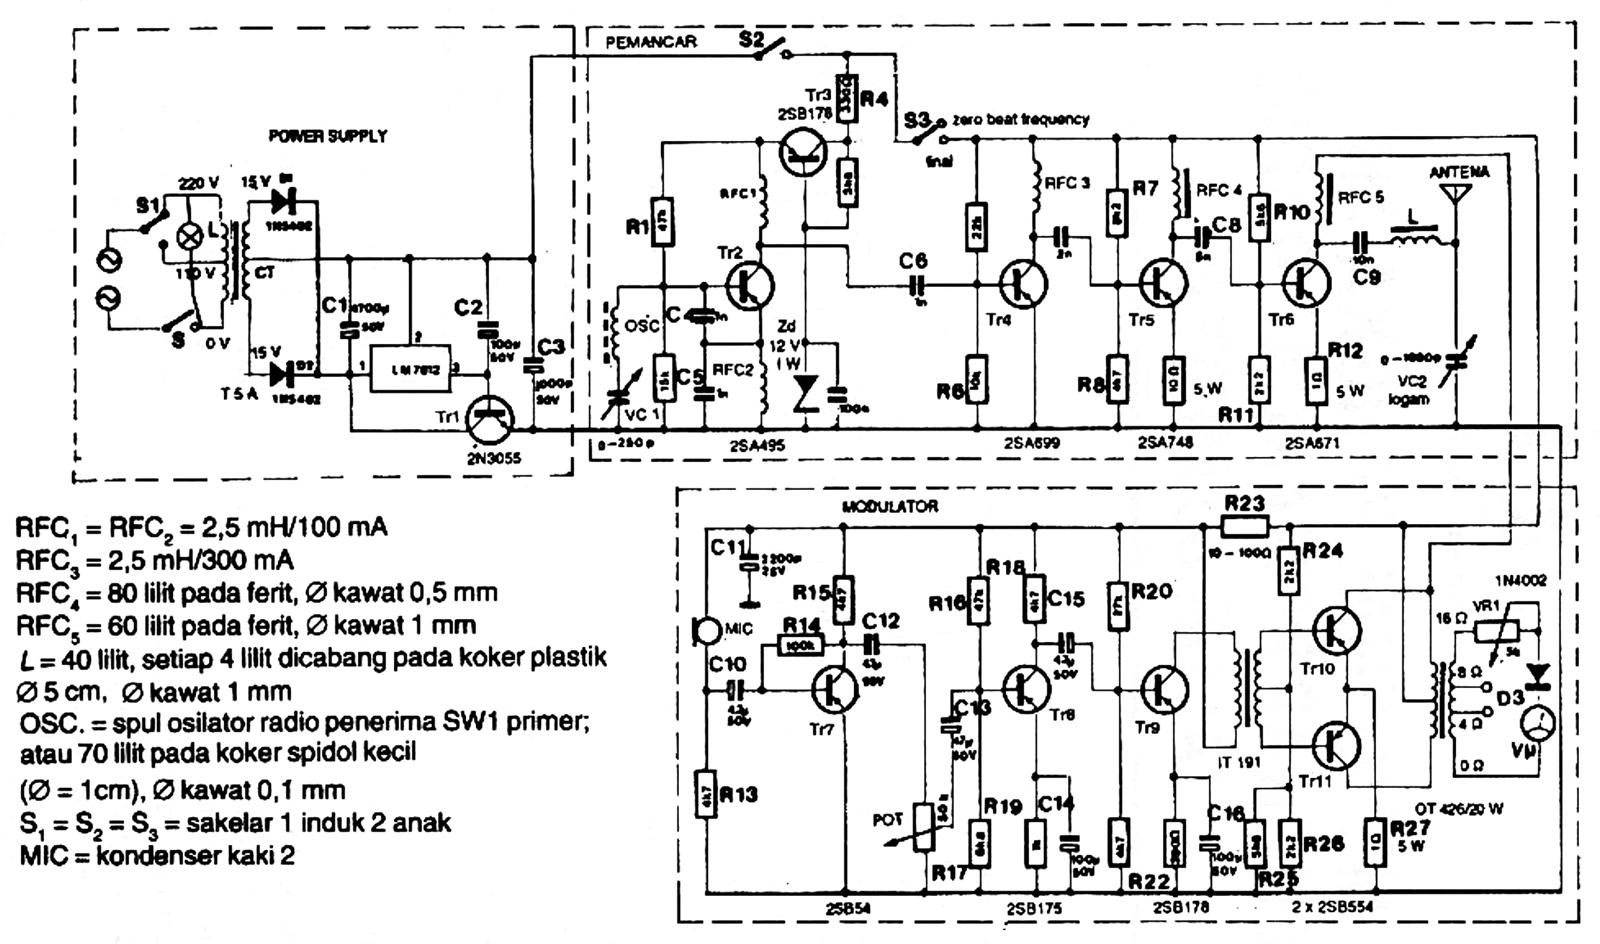 rangkaian pemancar radio 80 meter band lengkap